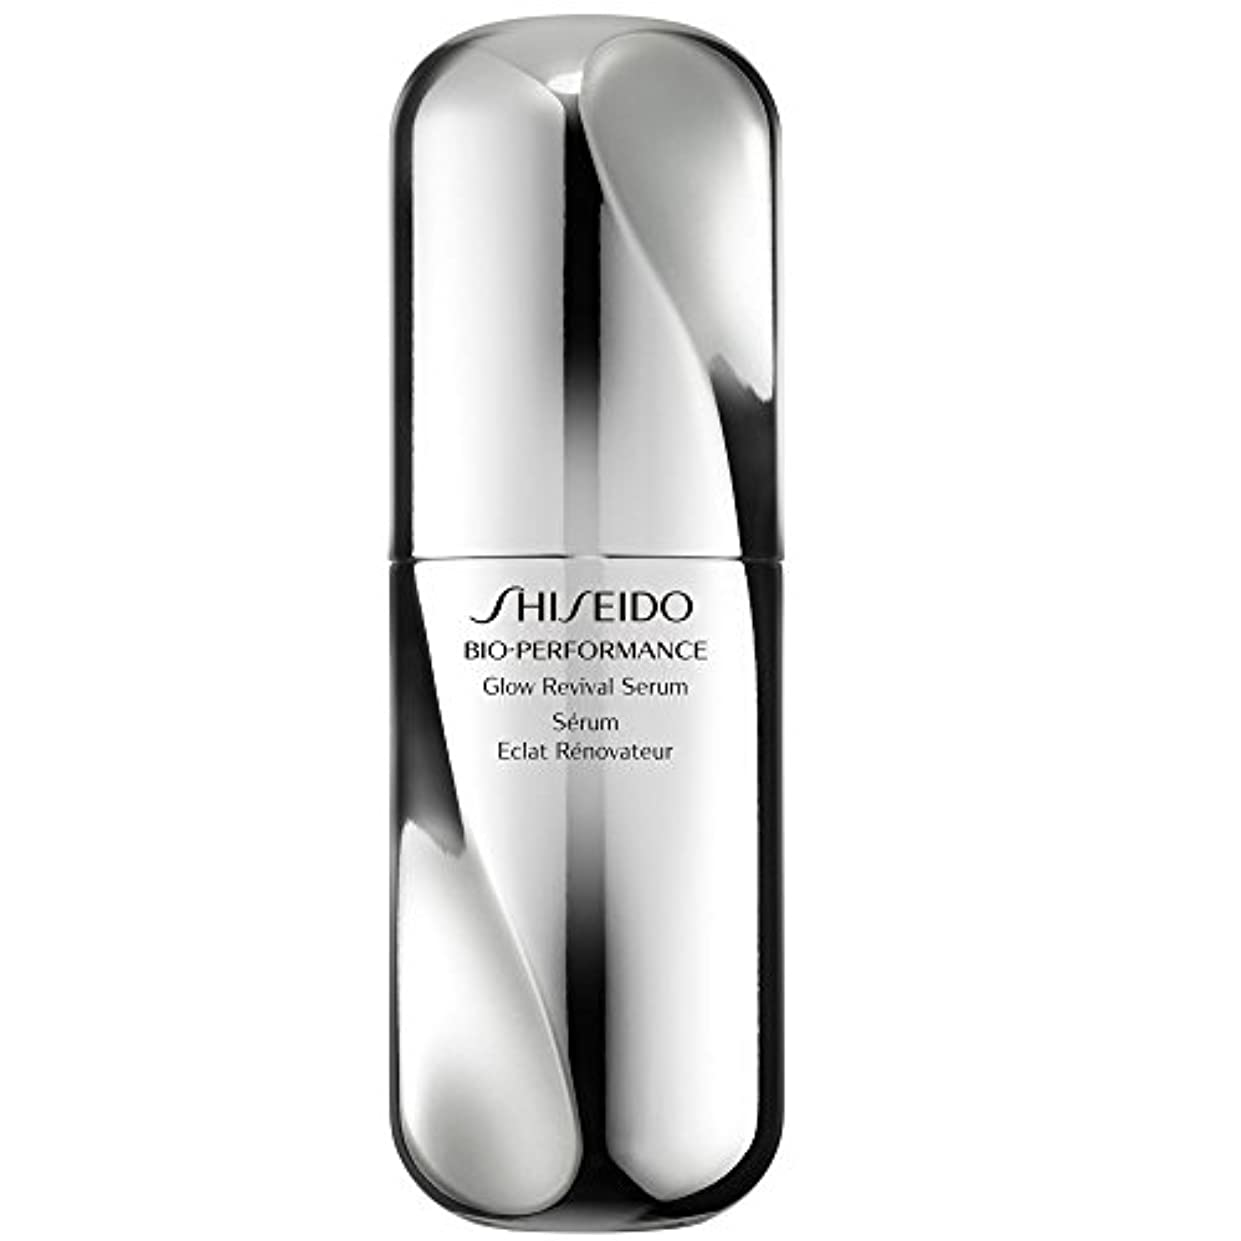 相対性理論埋めるブーム[Shiseido] 資生堂バイオパフォーマンスグロー復活セラム30Ml - Shiseido Bio-Performance Glow Revival Serum 30ml [並行輸入品]